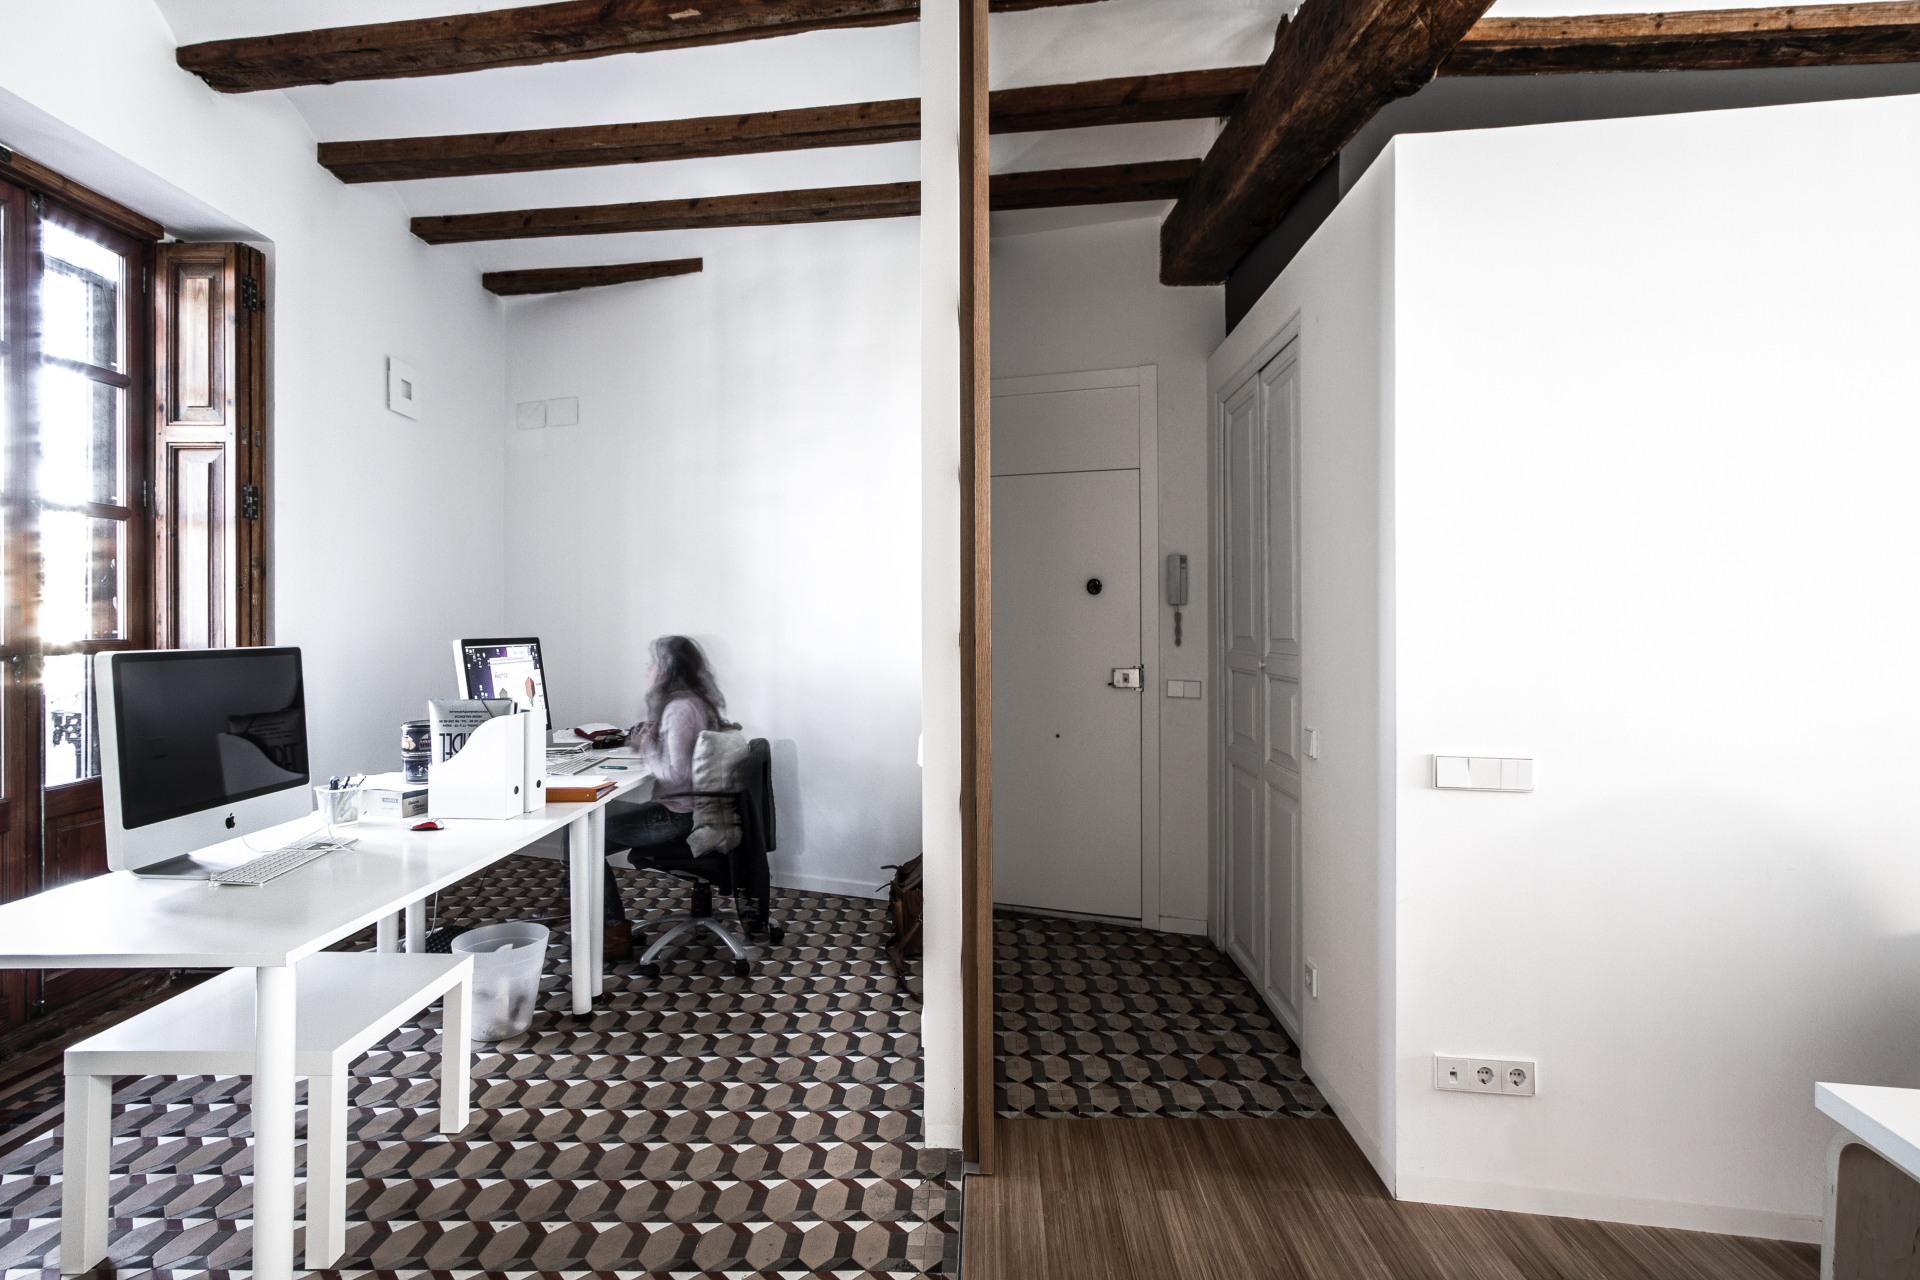 fotografia-arquitectura-valencia-german-cabo-versea-estudio (7)